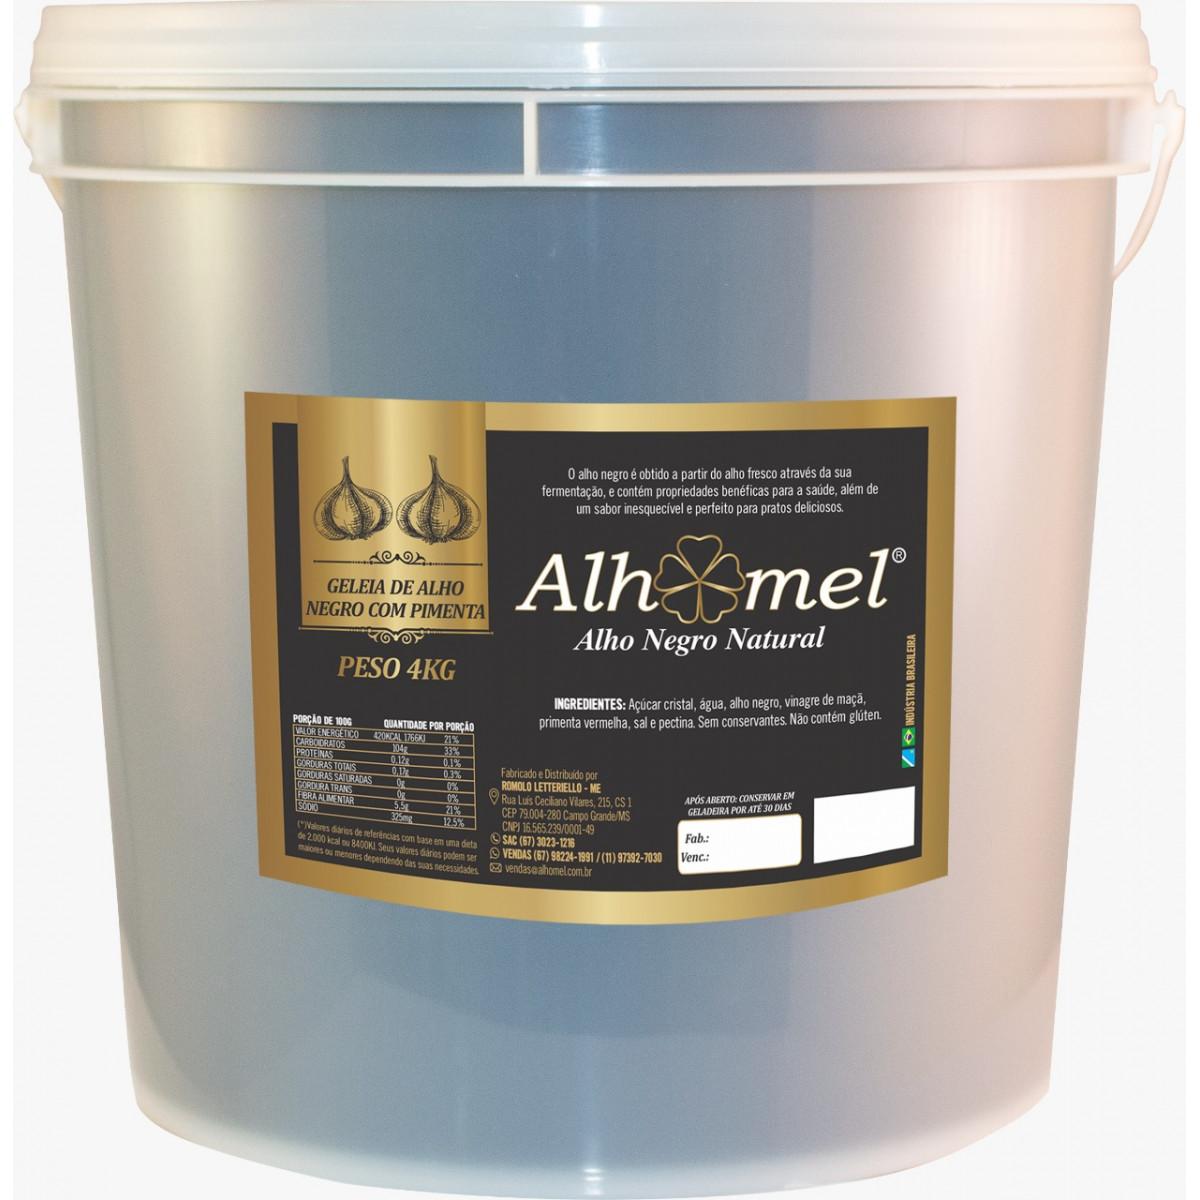 Geleia Alho Negro com Pimenta Balde 4 Kg